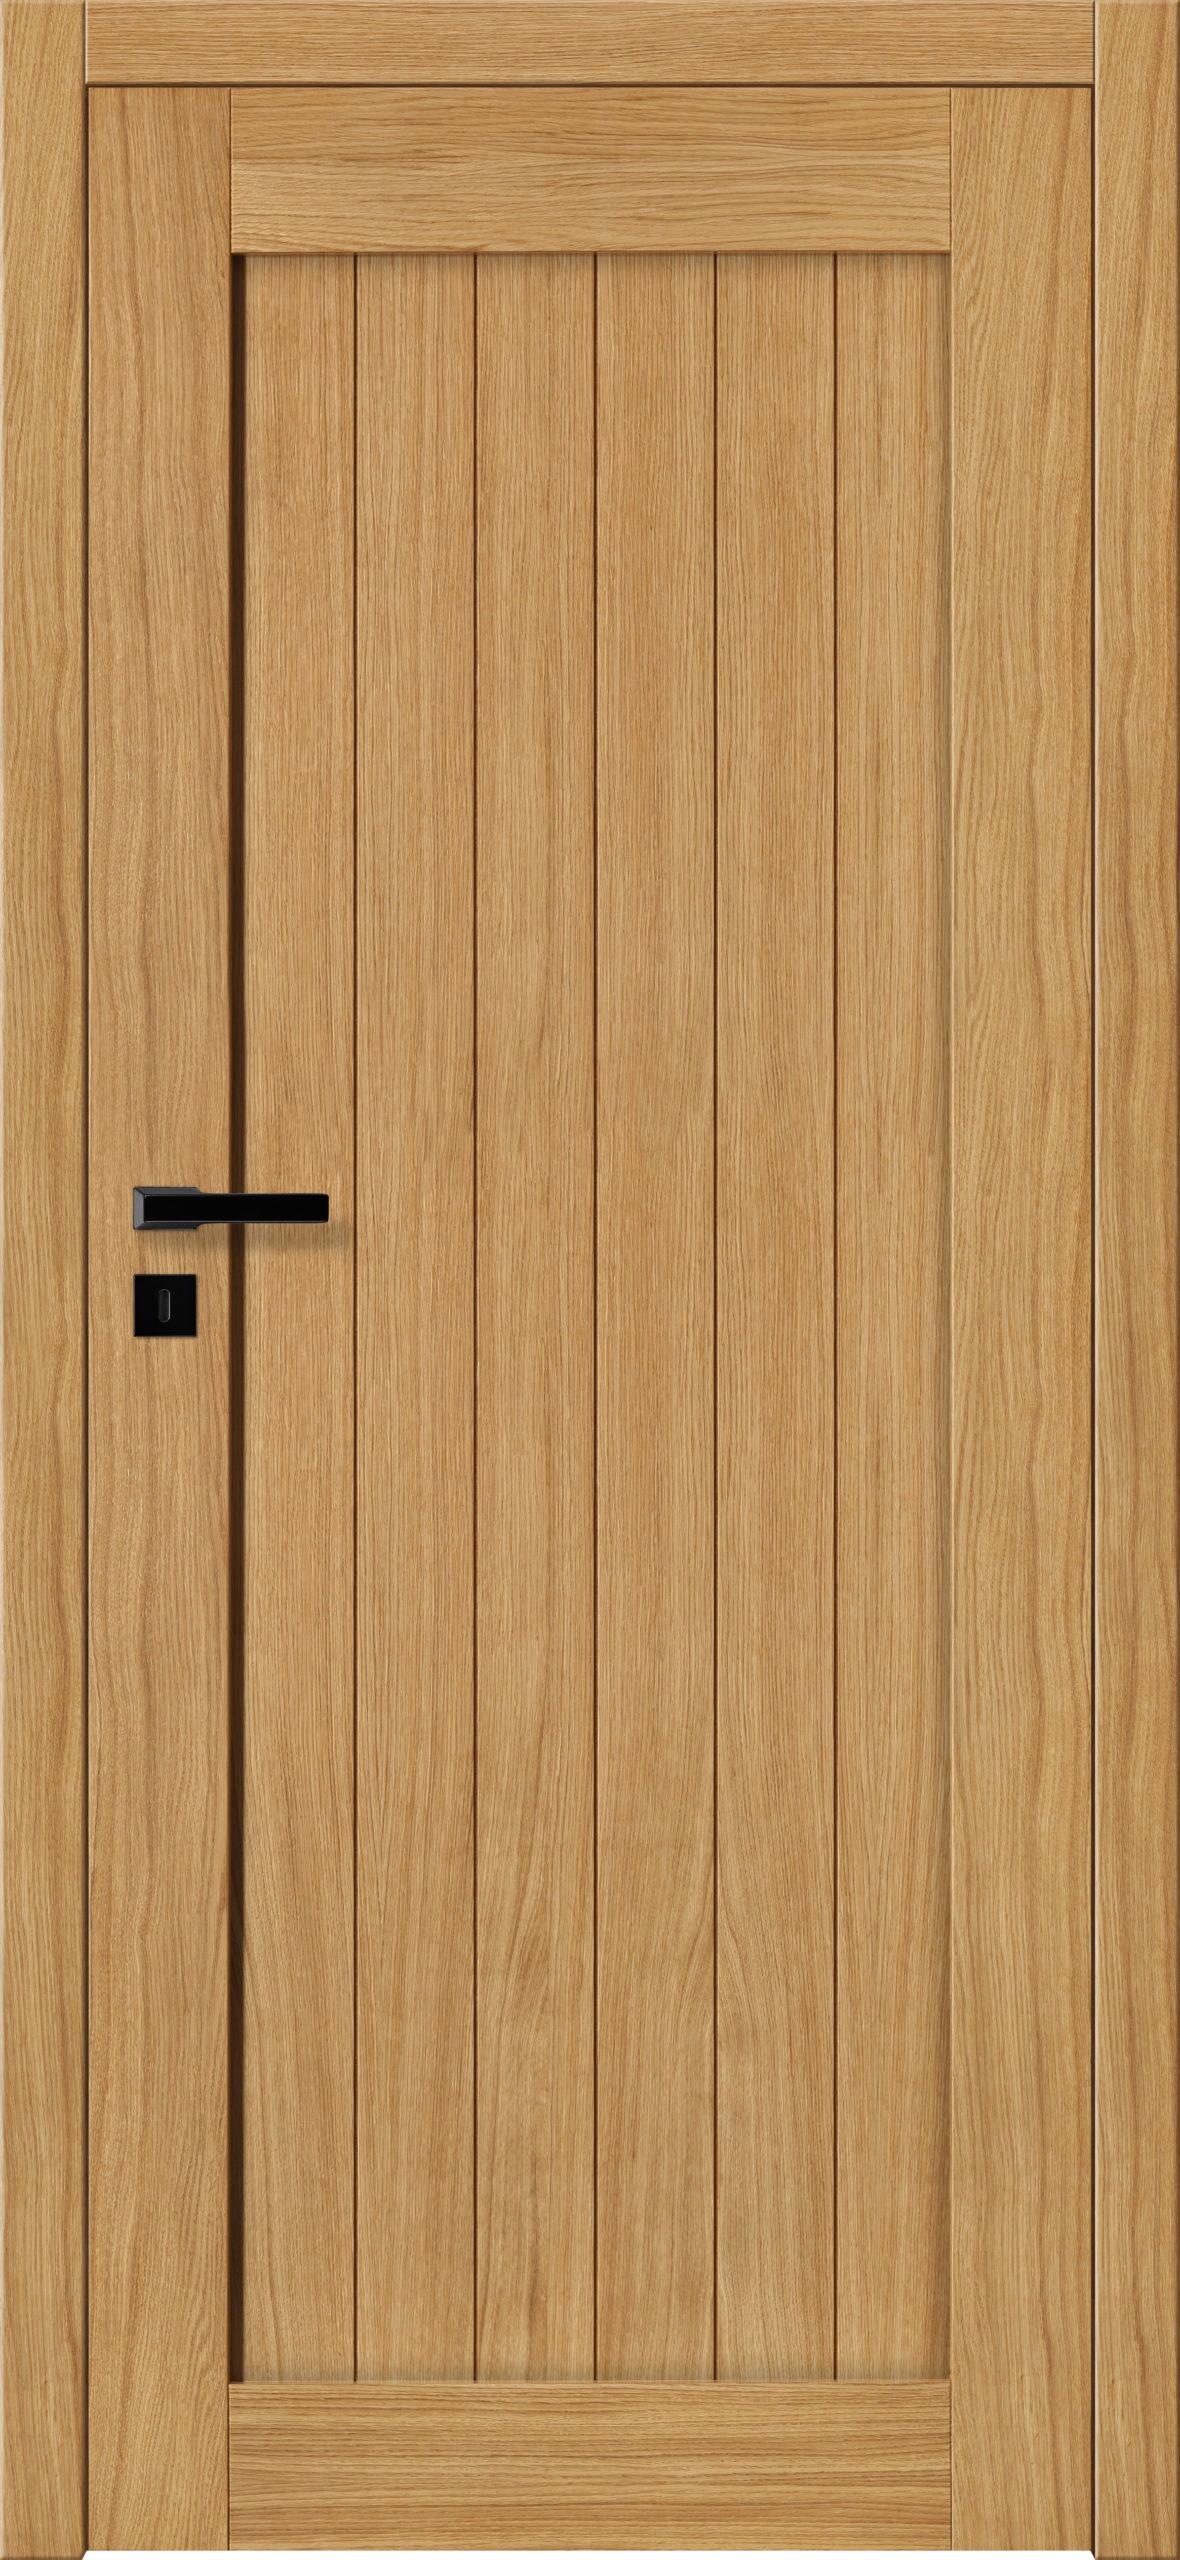 Sevilla E1 - dąb - lakier bezbarwny - szklenie lacomat bezpieczny - ościeżnica bezprzylgowa regulowana drewniana (V)